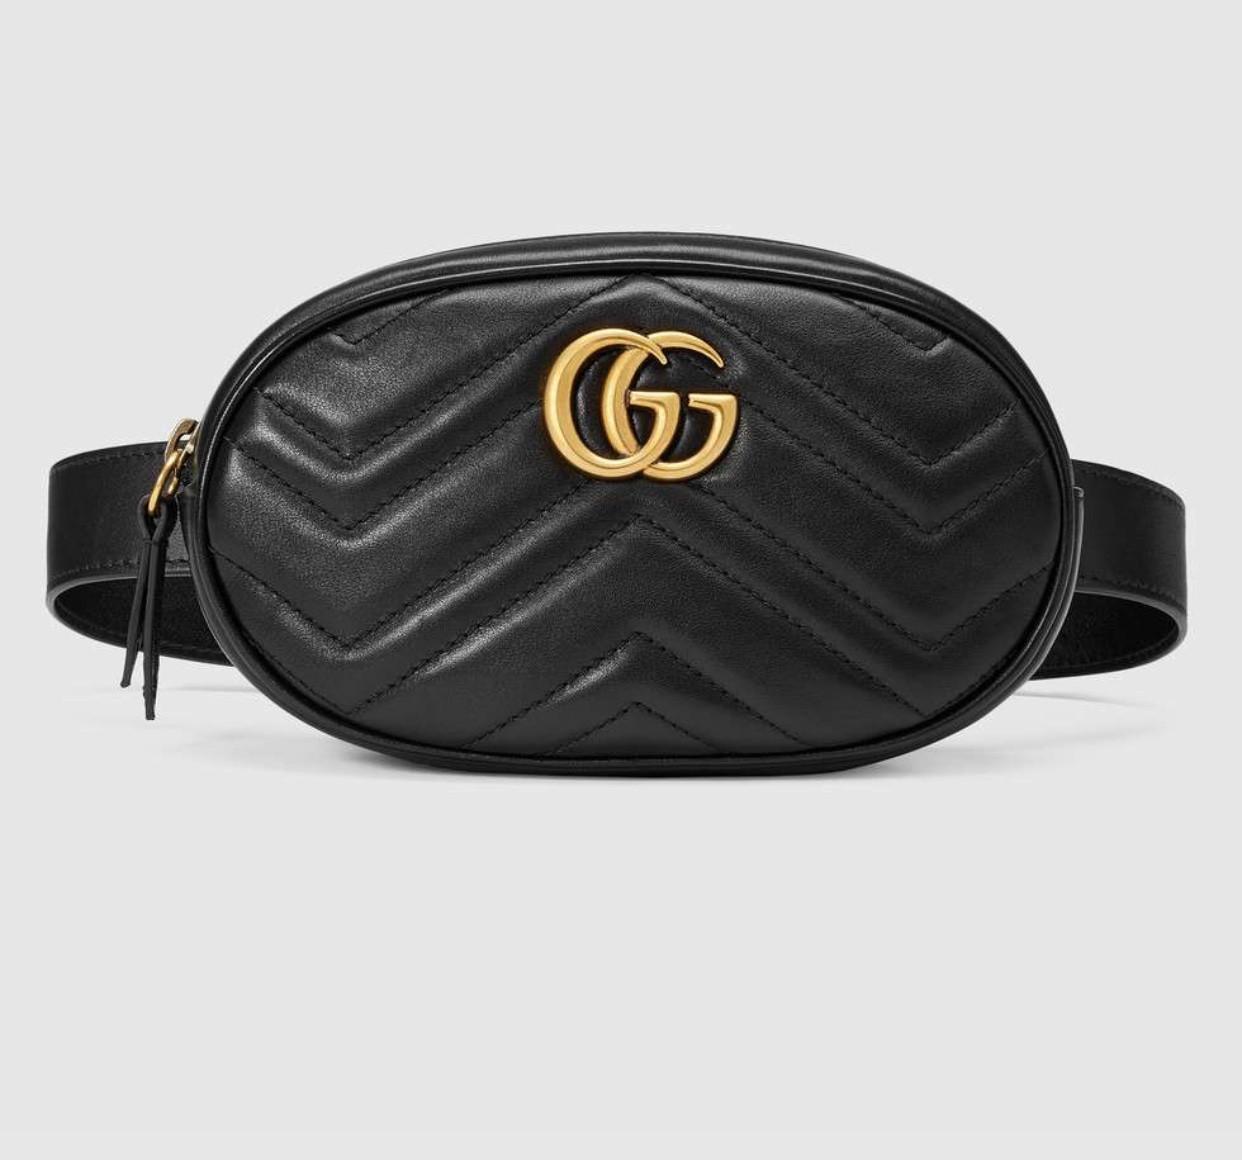 2d5ab0bdd999 Сумка Gucci Marmont на Пояс Копия — в Категории